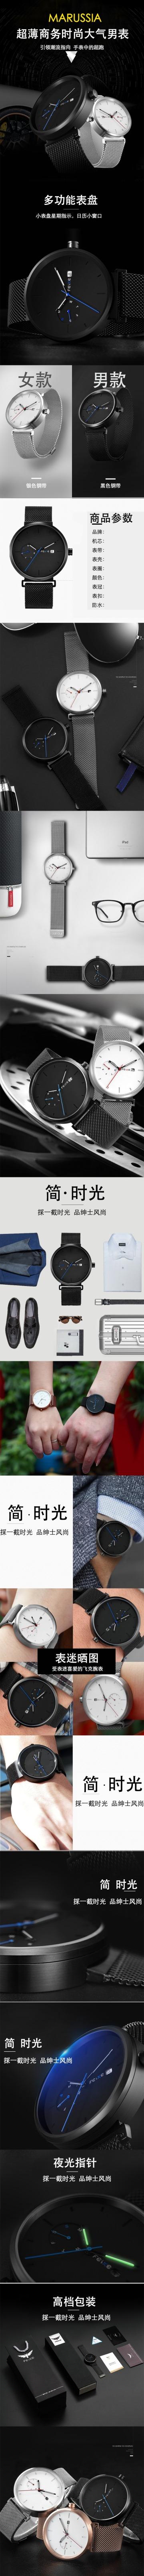 时尚简约手表扁平电商详情图